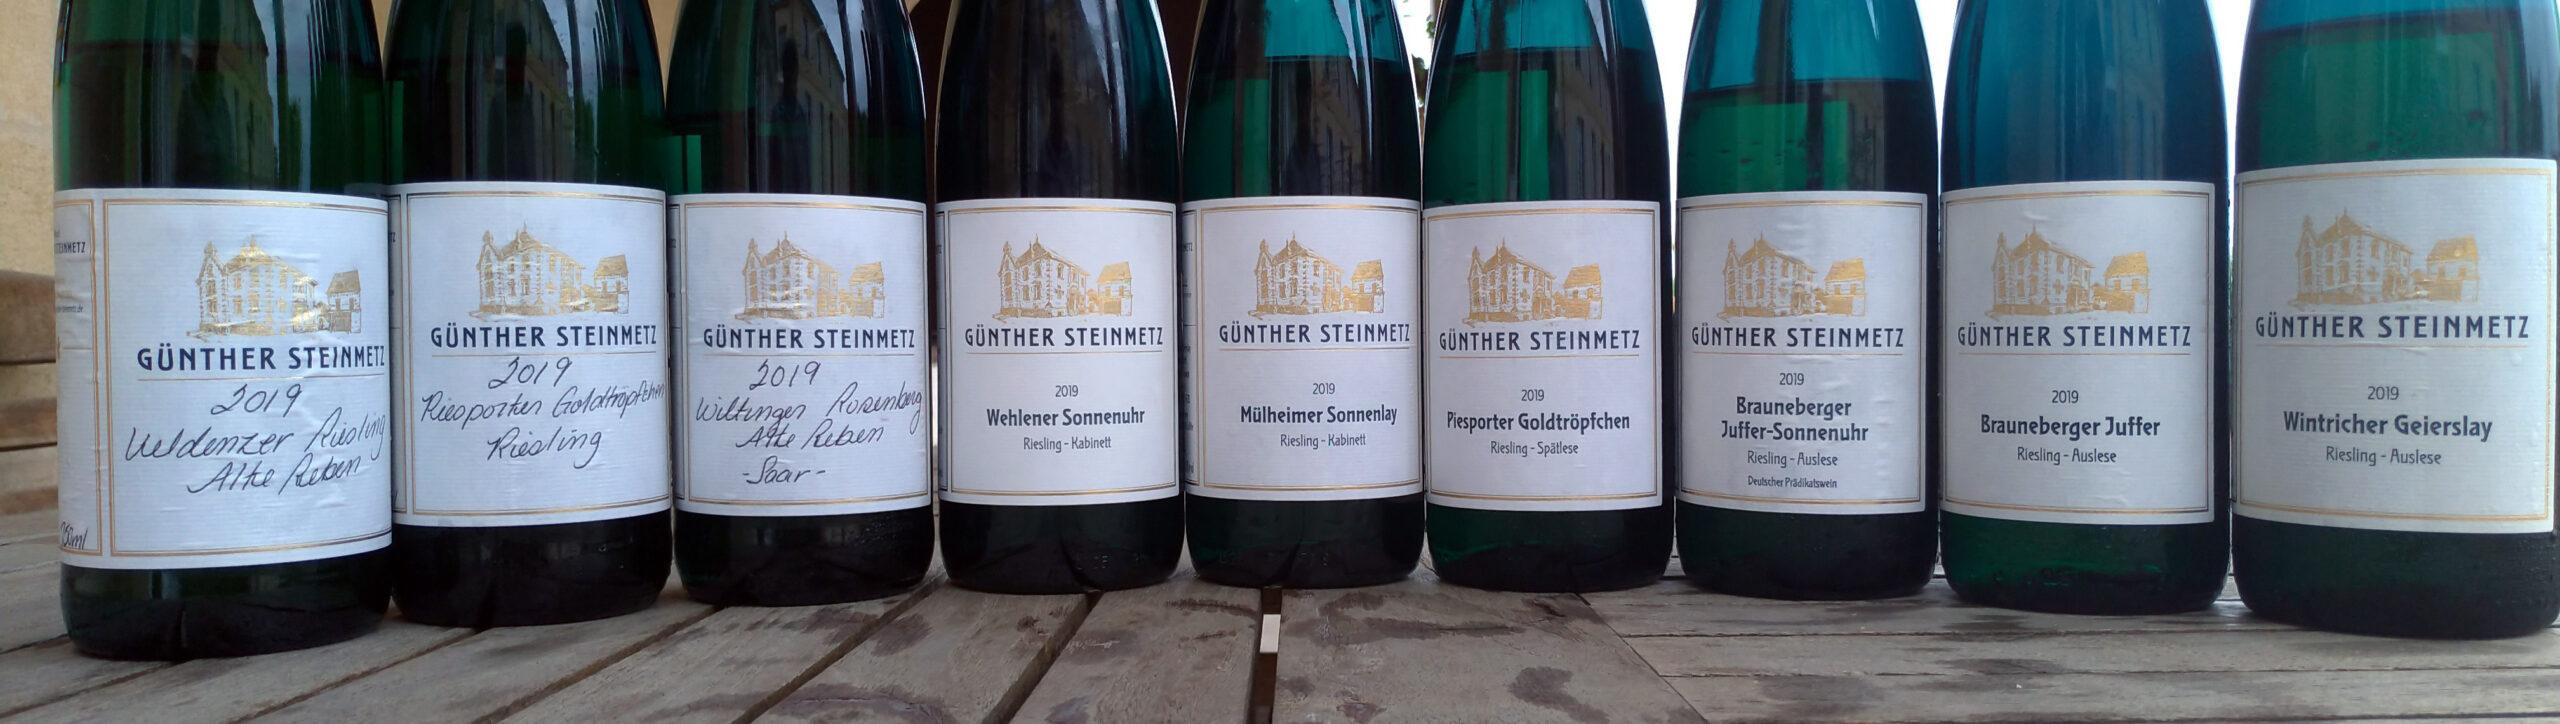 Stefan Steinmetz - 2019er Kollektion